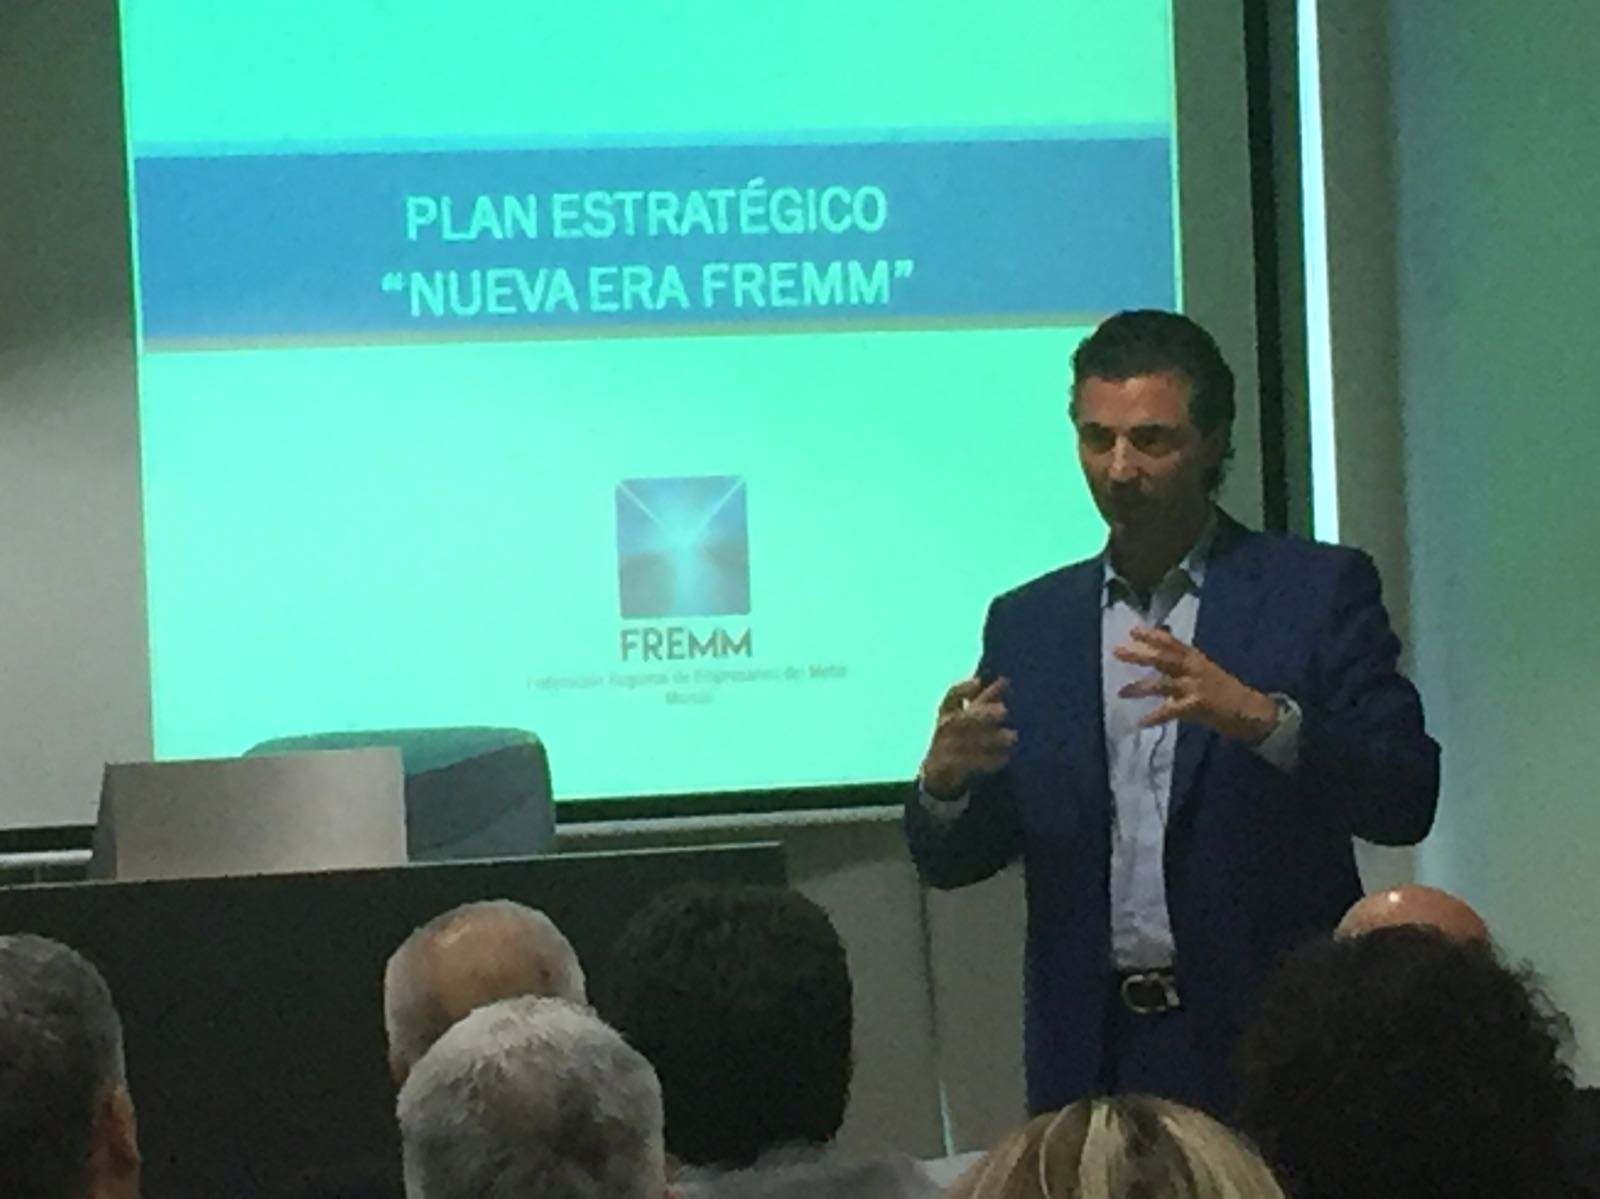 Alfonso Hernández presenta el Plan Estratégico de FREMM para posicionar a sus empresas a la vanguardia de la economía y los nuevos valores